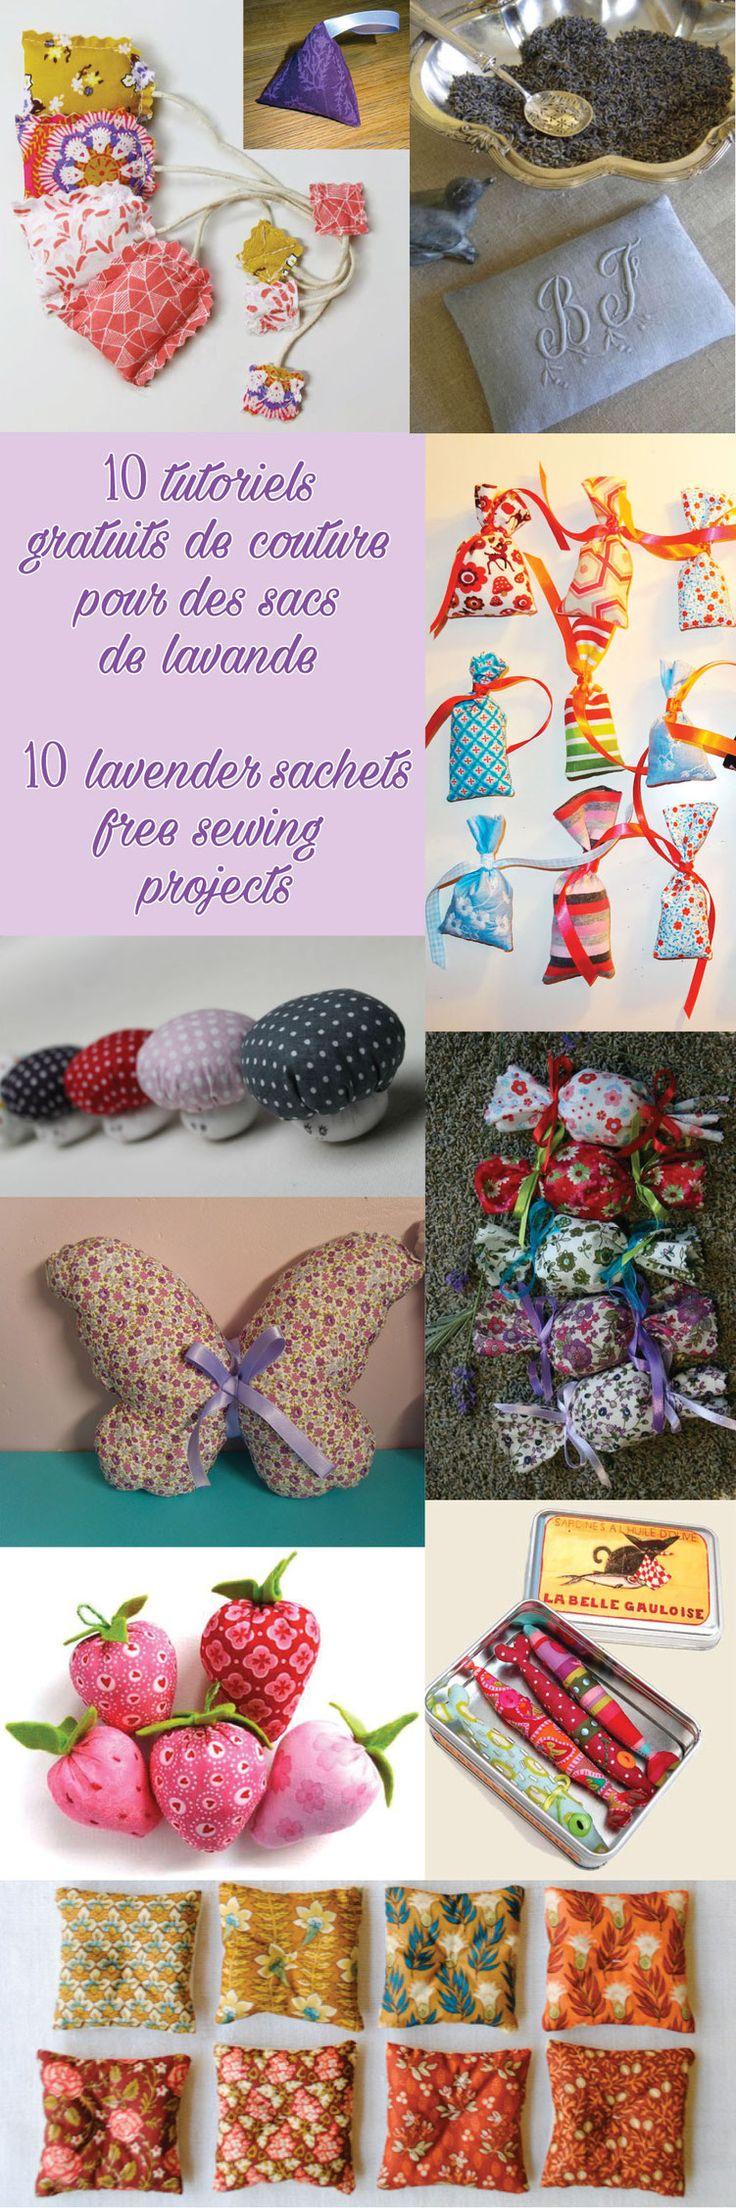 10 tutoriels gratuits de couture pour sacs de lavande - 10 lavender sachets free sewing projects - DIY - Tutorial - Biz Biz Handmade